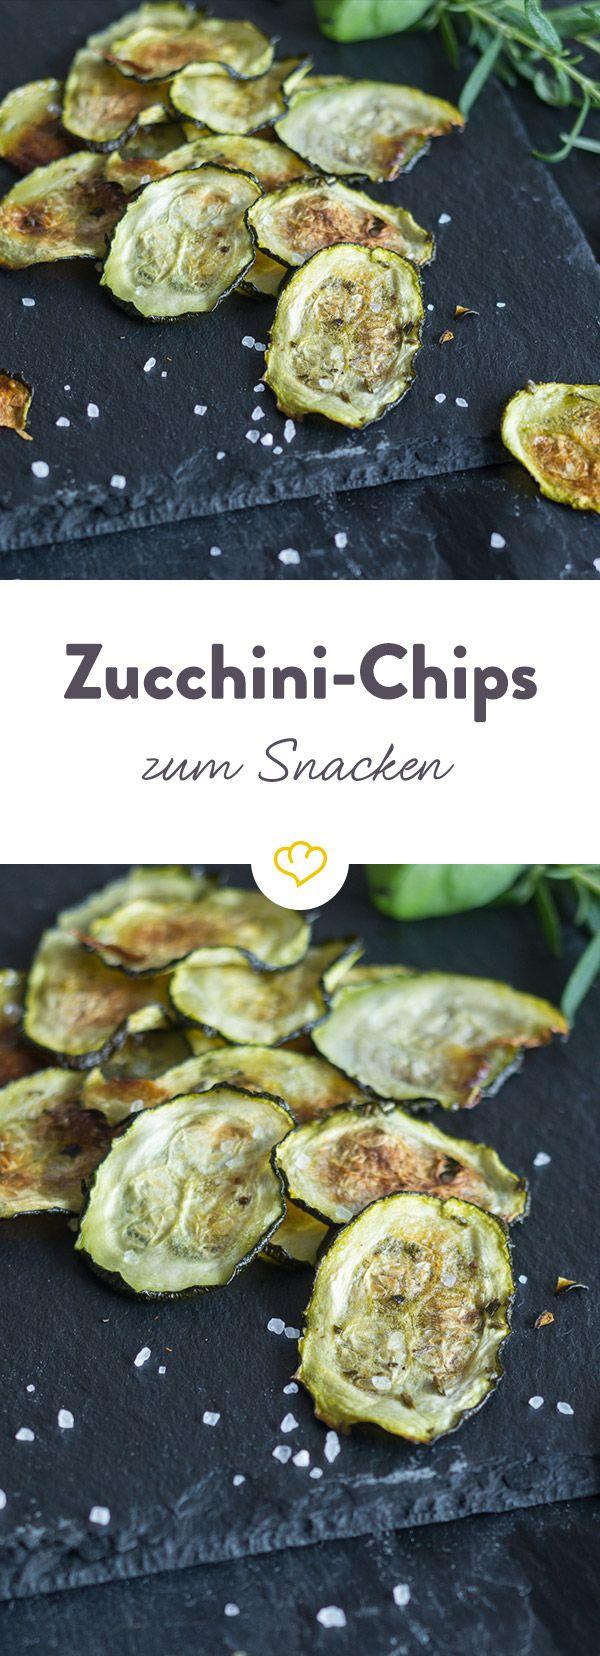 Chips müssen nicht immer aus Kartoffeln sein. Diese Low-Carb Variante des Snack-Klassikers aus frischen Zucchini, wird mit wenig Fett im Ofen zubereitet.